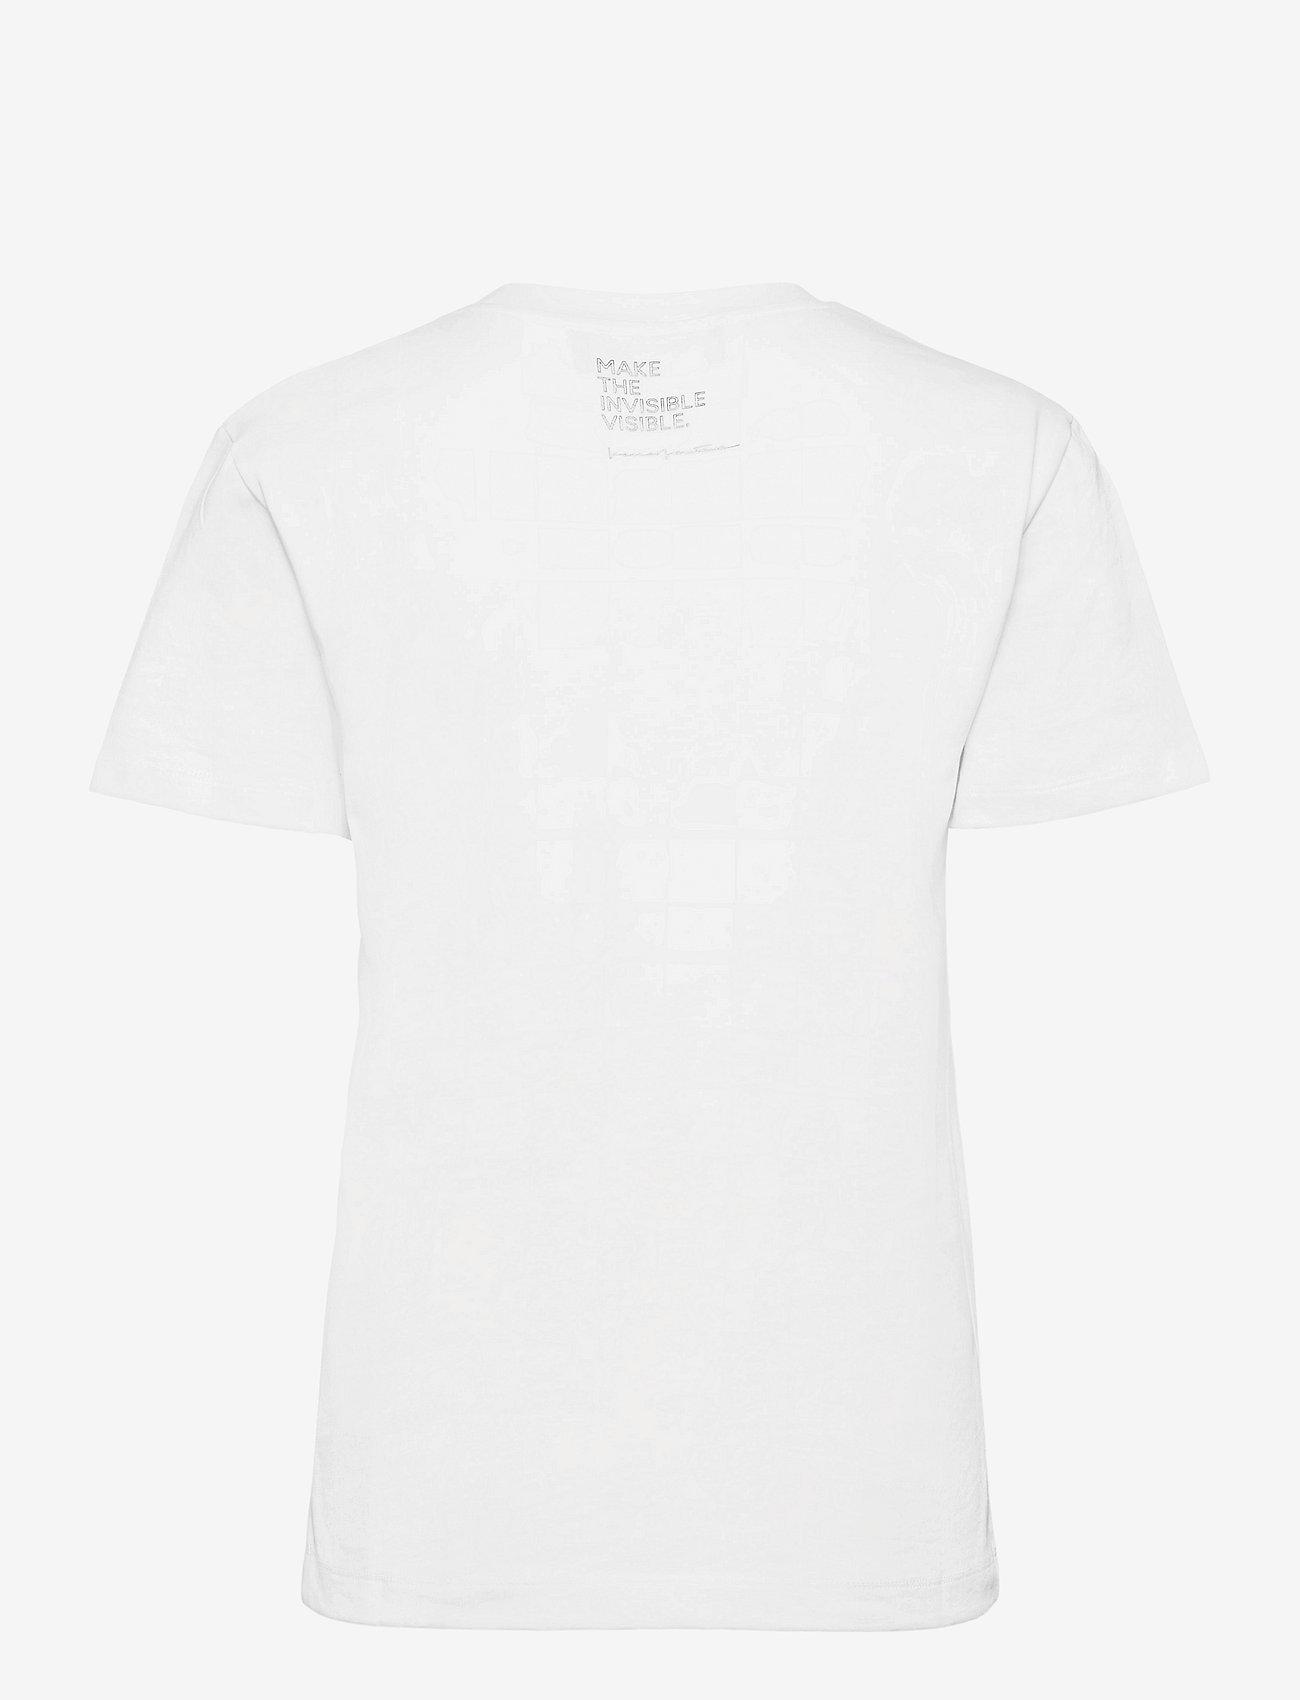 Sportmax - BULL - t-shirts - white - 1